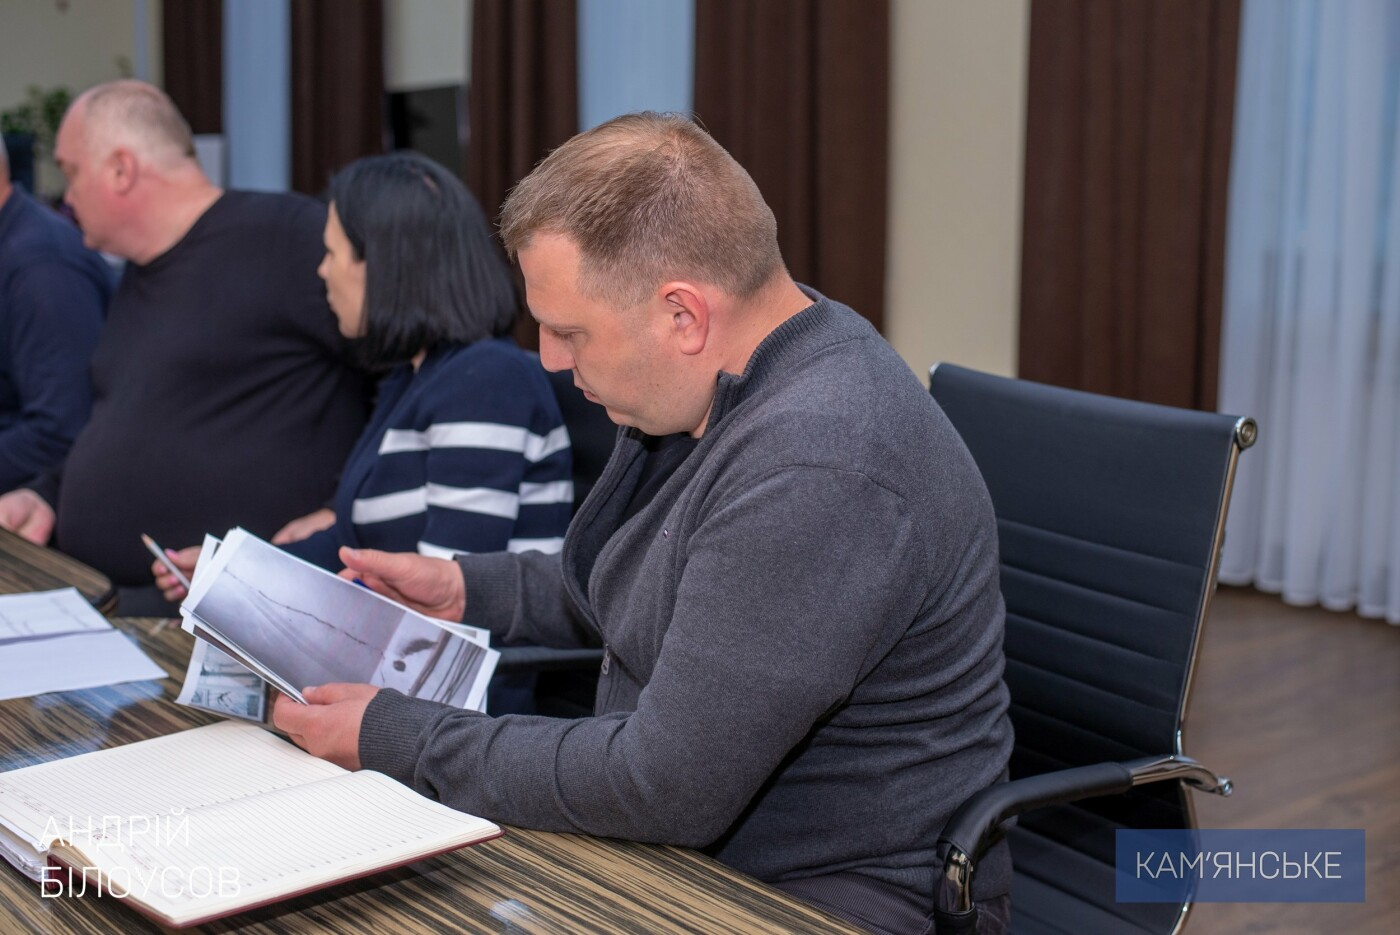 В Каменском обсуждали вопросы участников АТО/ООС, фото-2